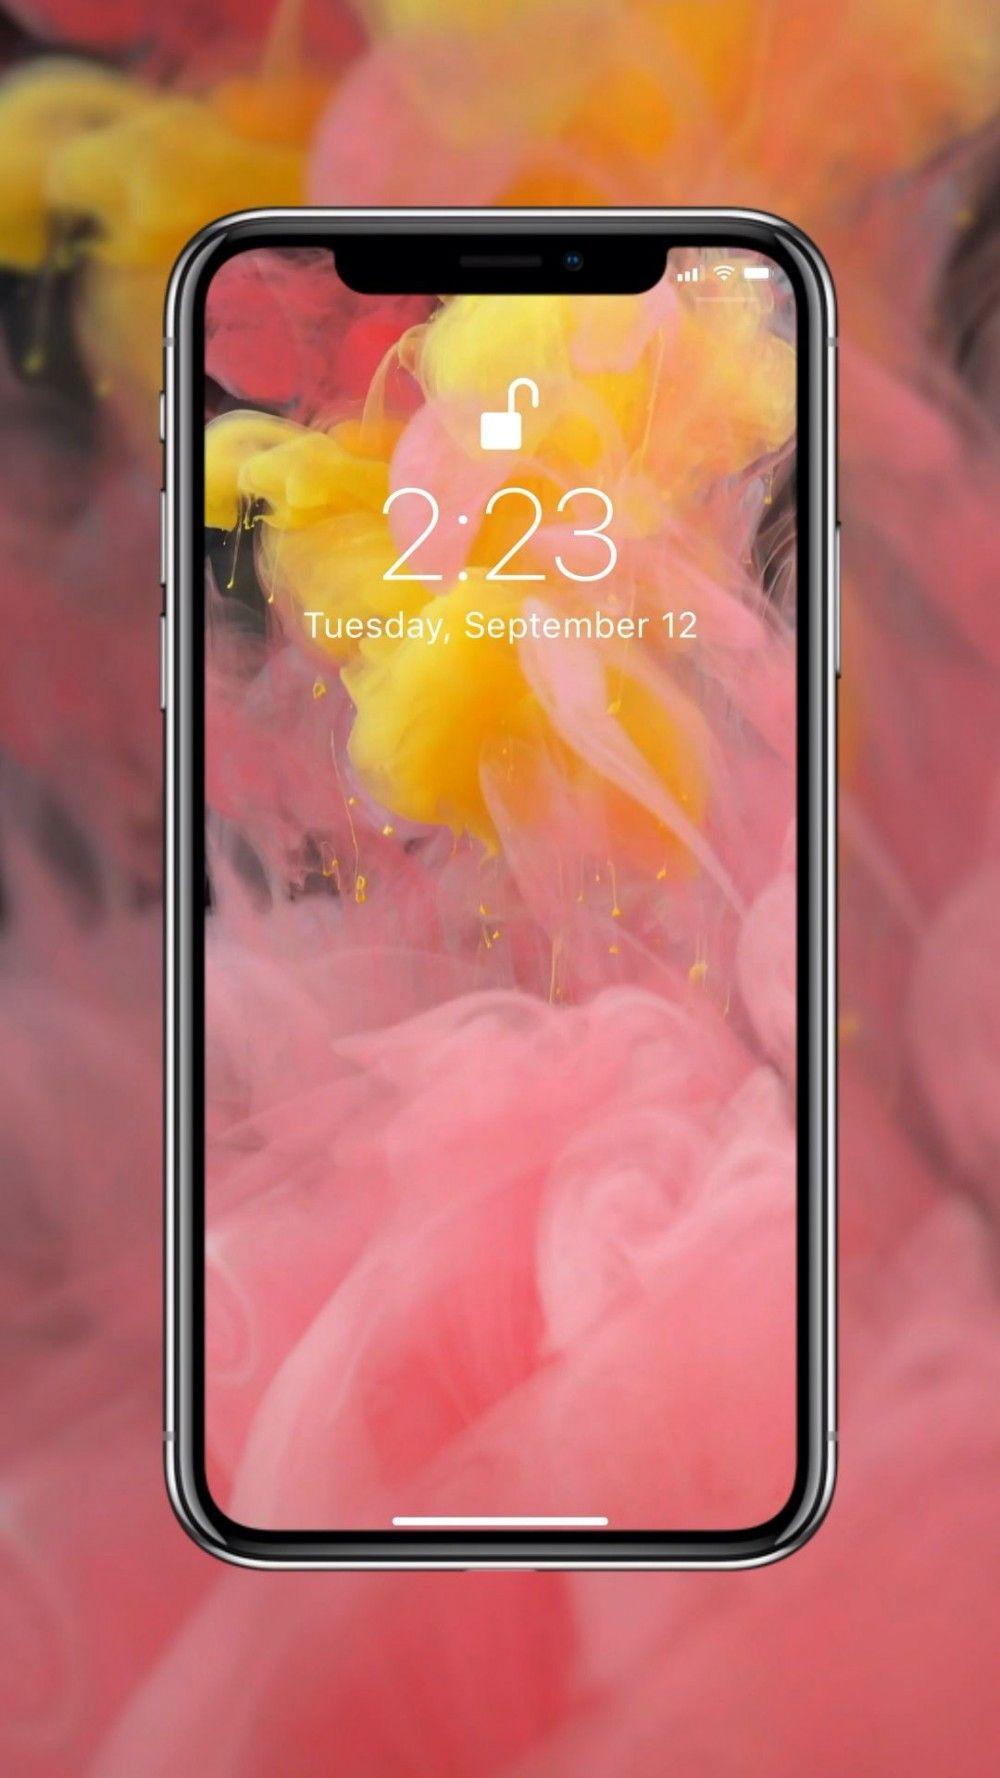 Beau Fond D Ecran En Direct Iphone Wallpaper Video Beautiful Live Wallpaper Iphone Wallpaper